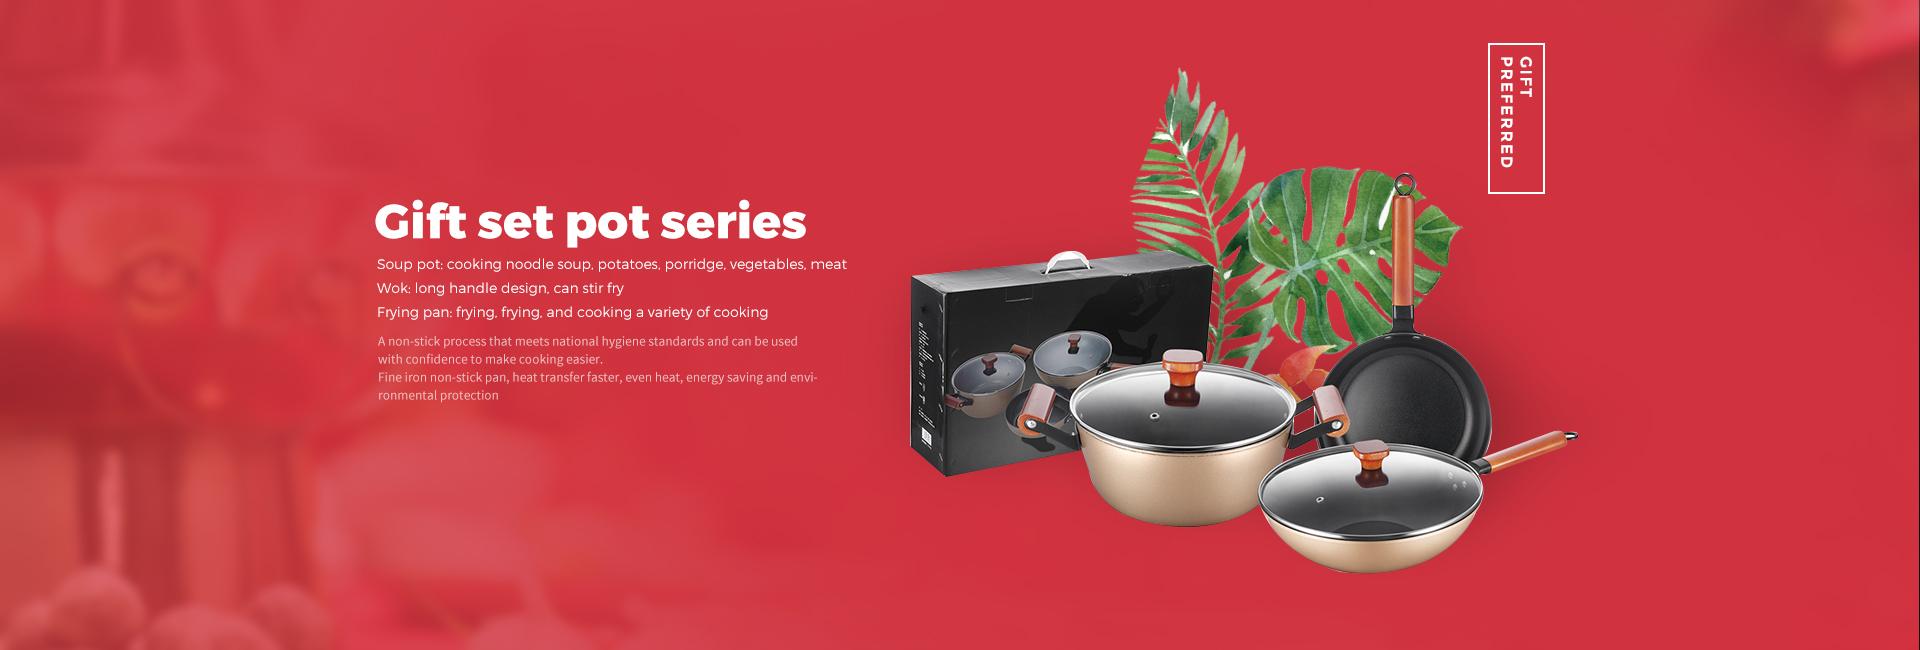 Gift Set Pot Series